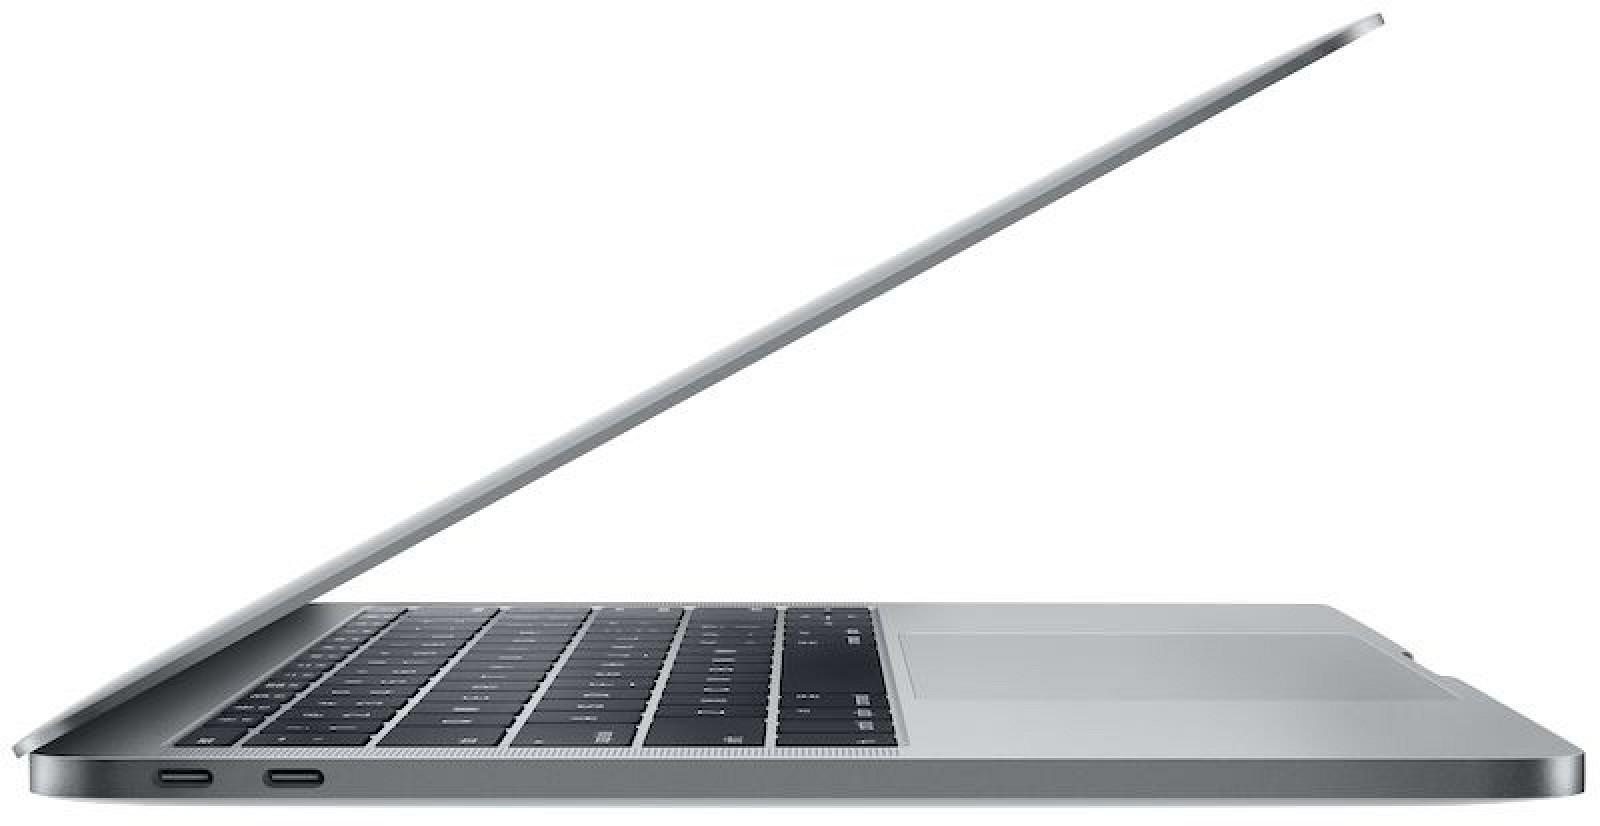 Historias principales: MacBook Pro no publicado, diseño de teclado mejorado para futuros portátiles, corrección de atención de FaceTime